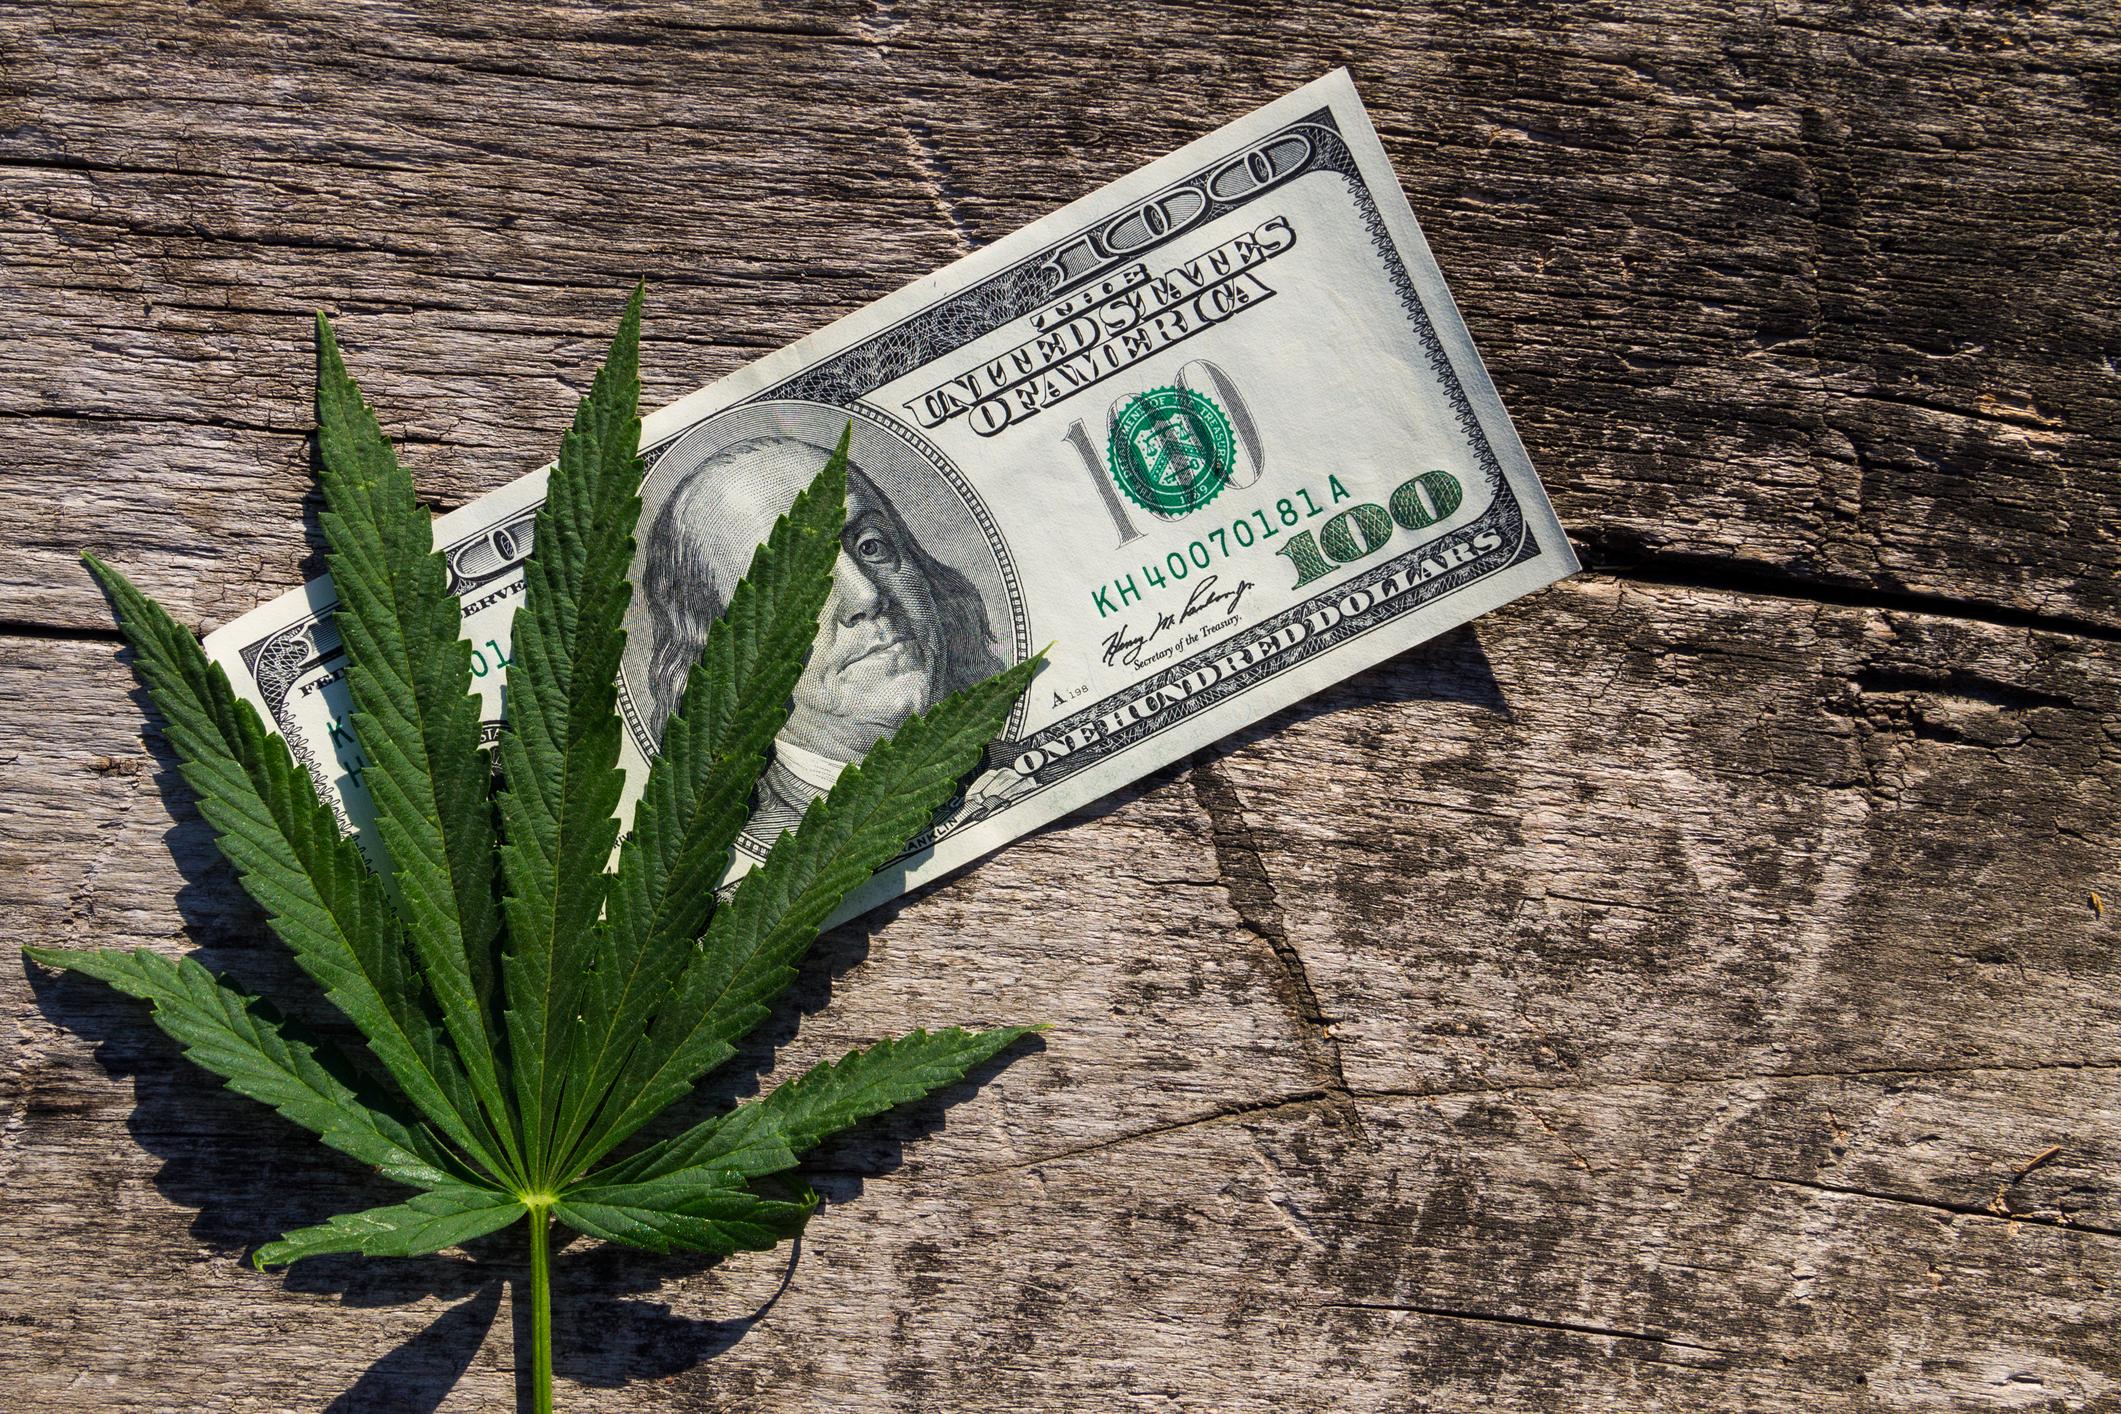 A marijuana leaf on top of a $100 bill.